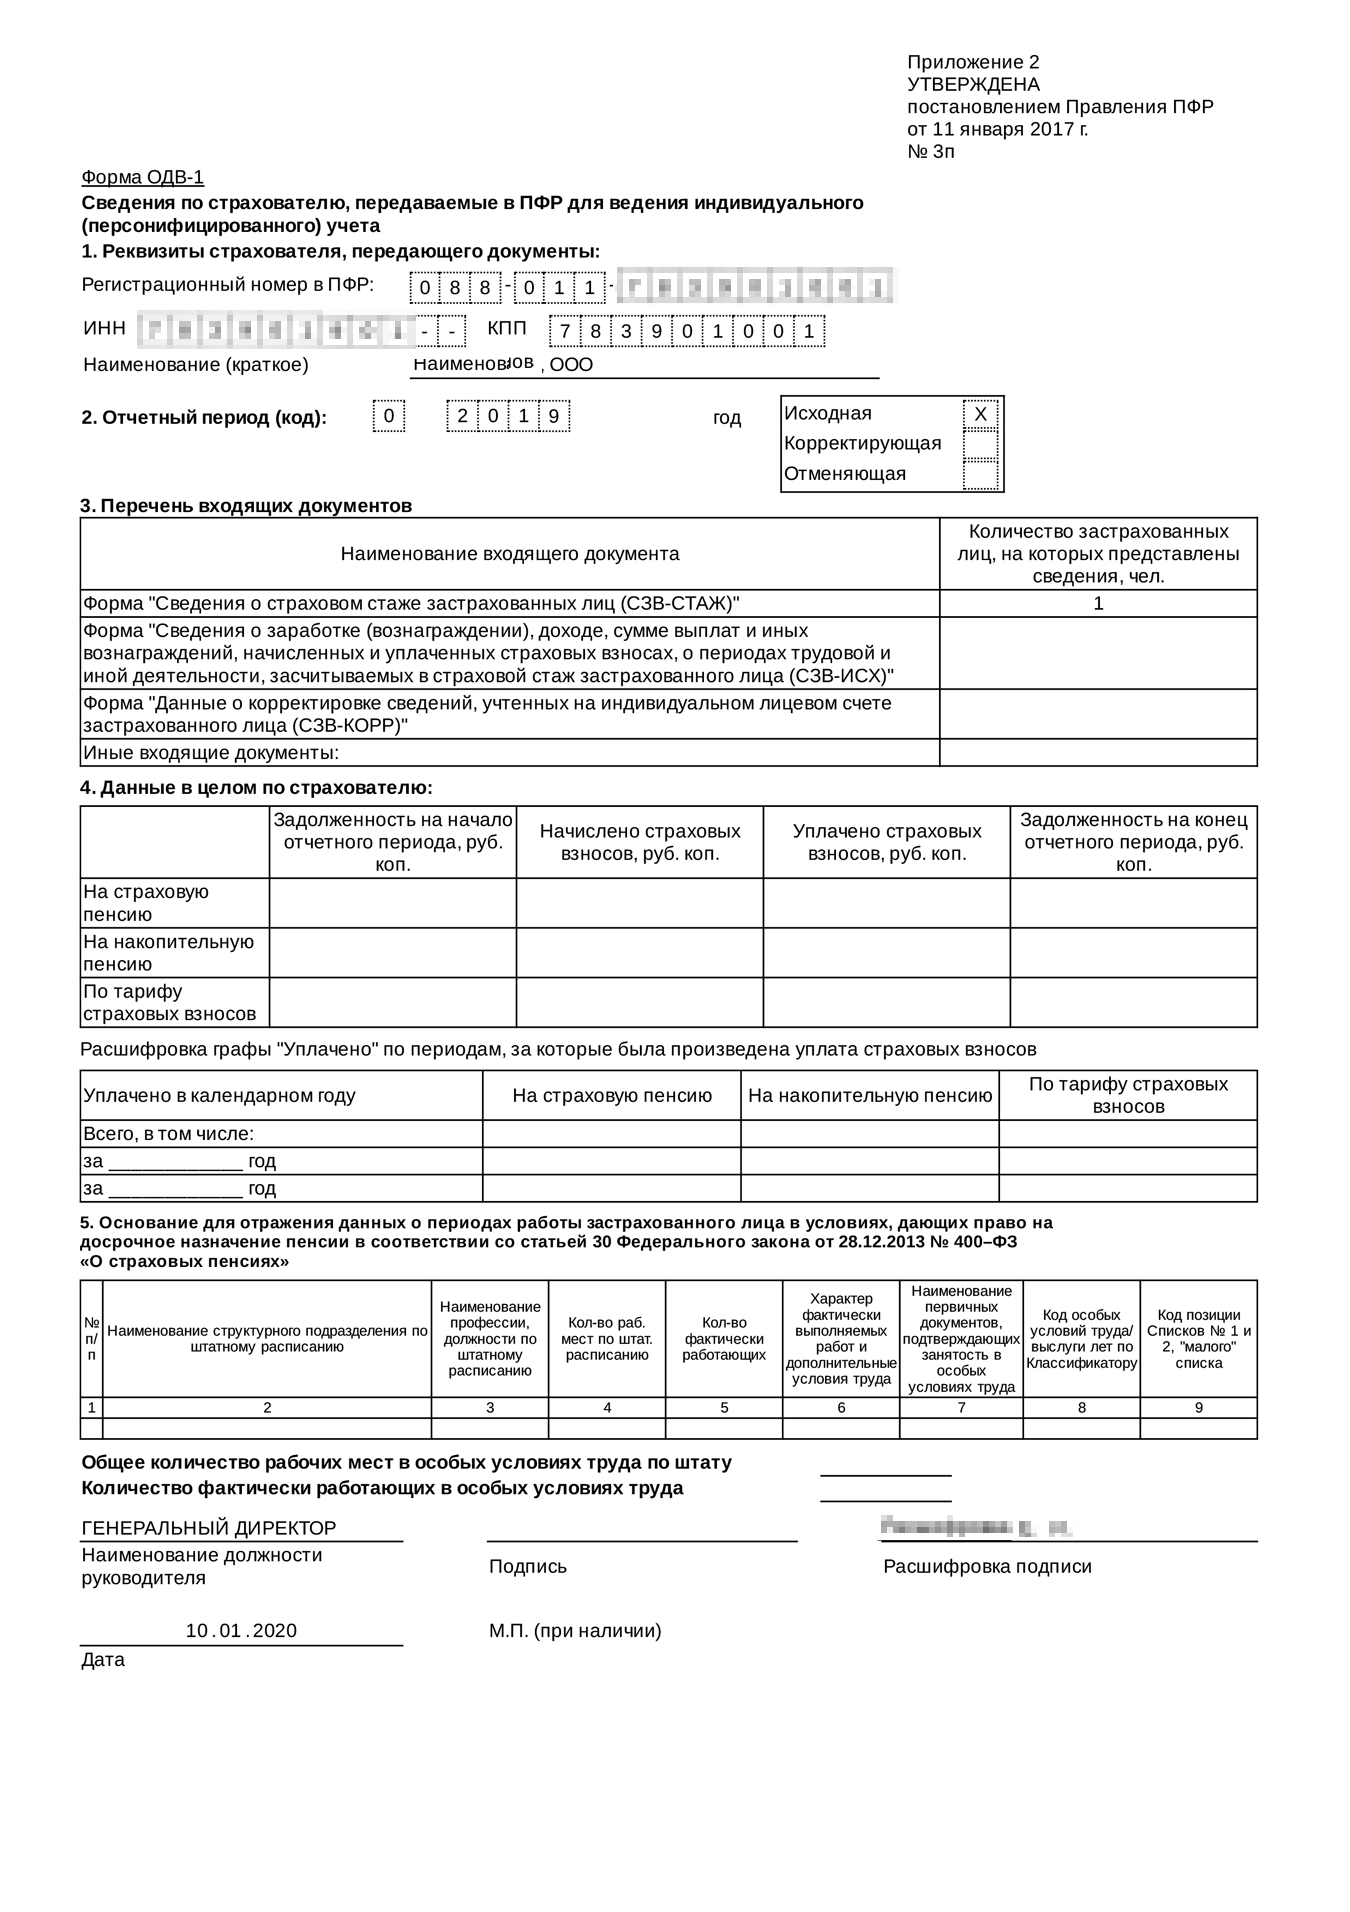 Отчет СЗВ-СТАЖ состоит из двух документов: ОДВ-1 и, собственно, СЗВ-СТАЖ